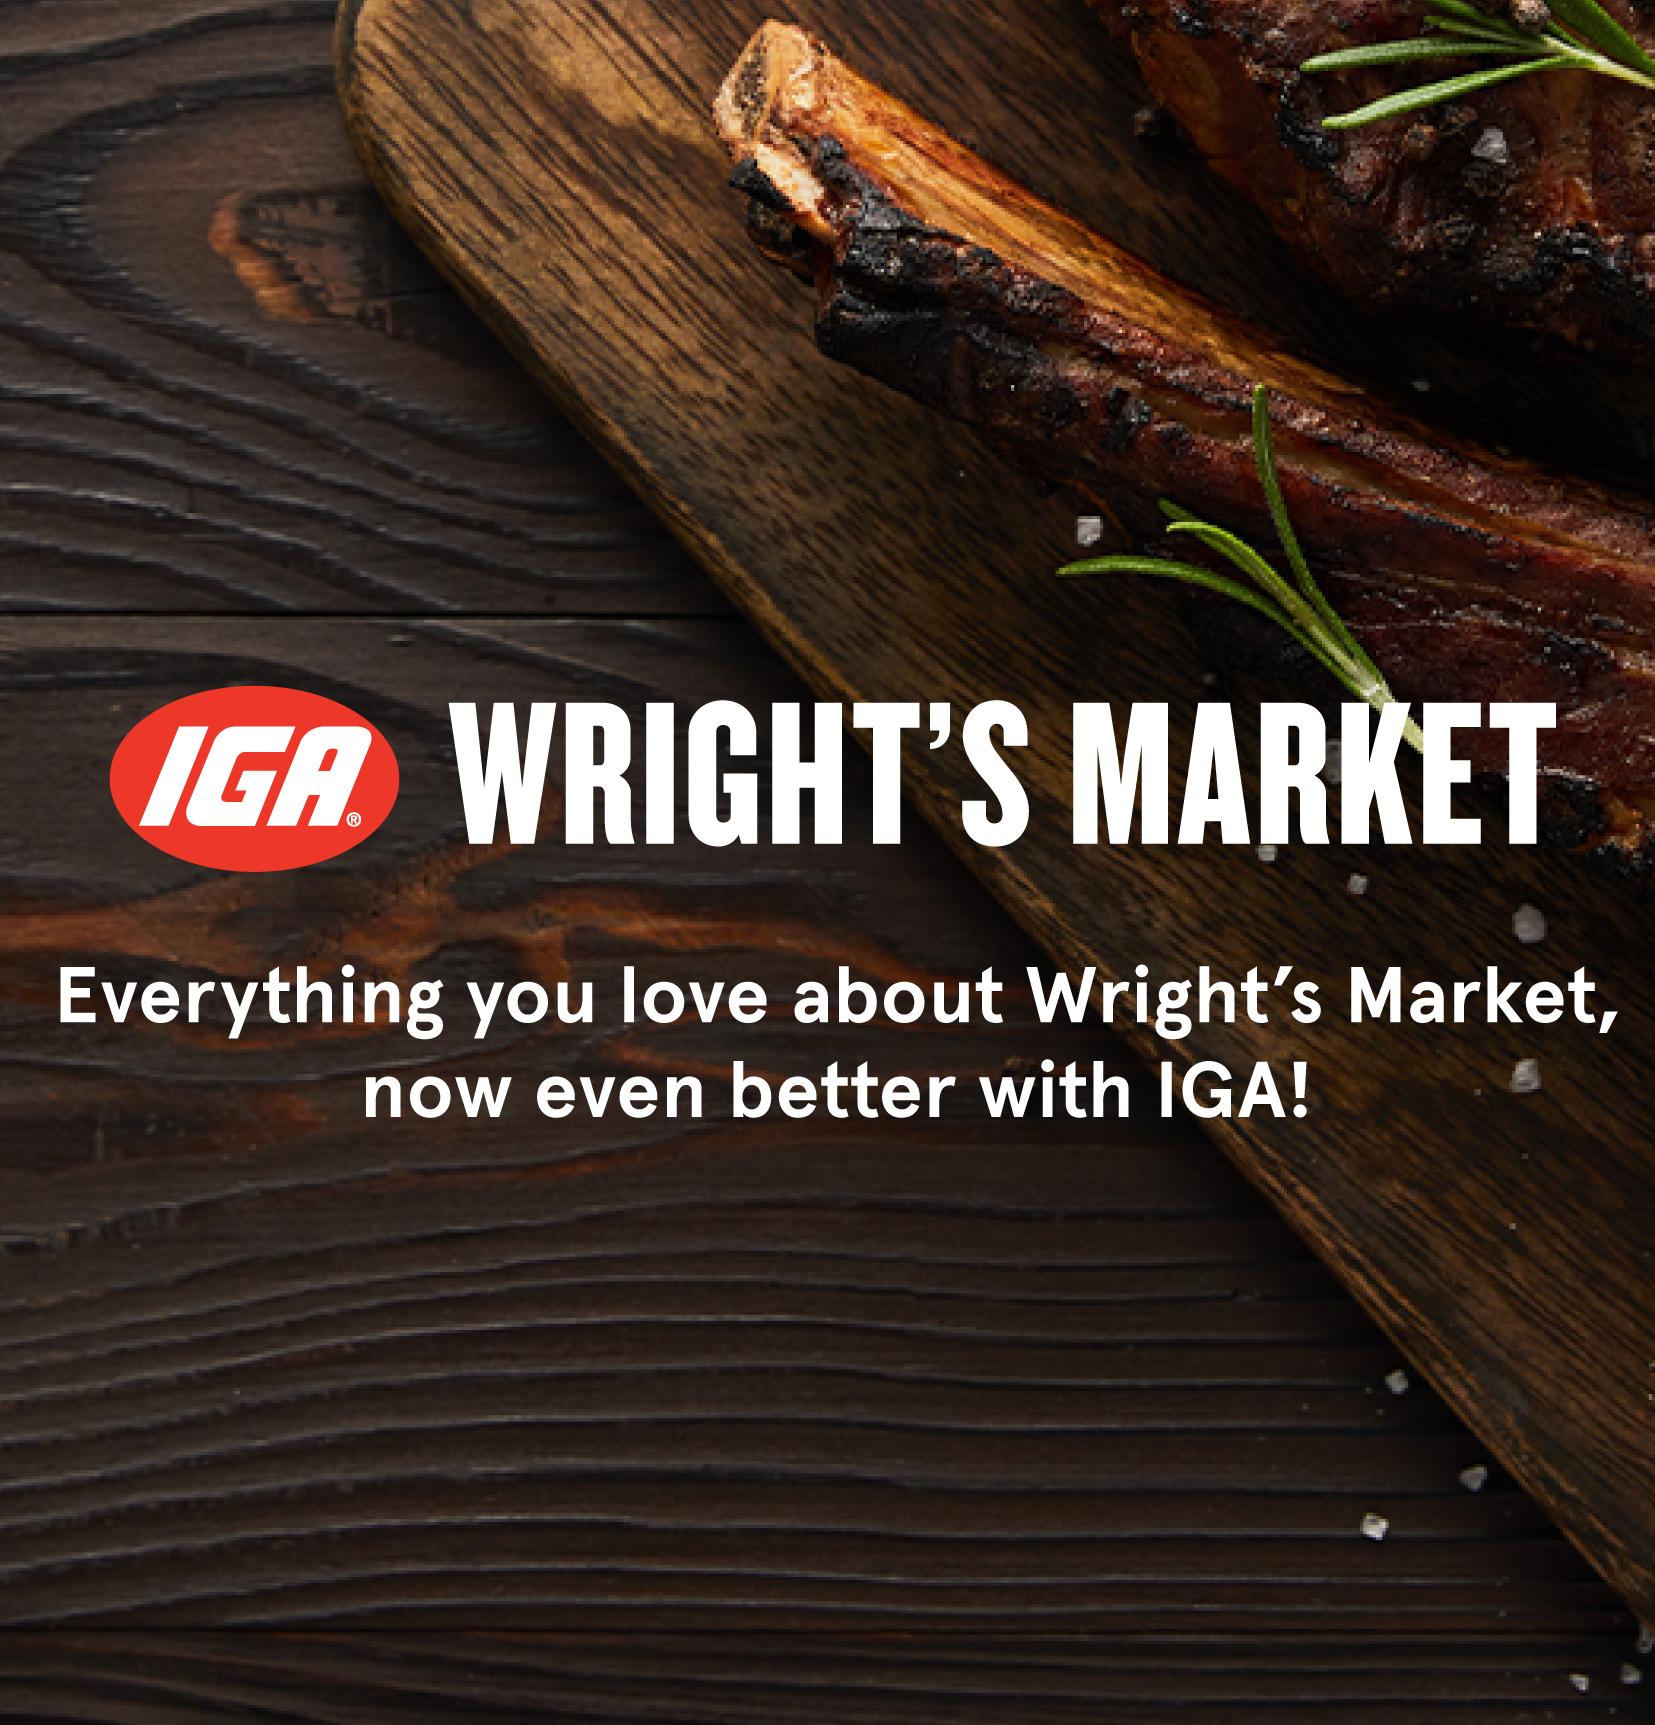 Image of Wright's Market logo on wood grain background